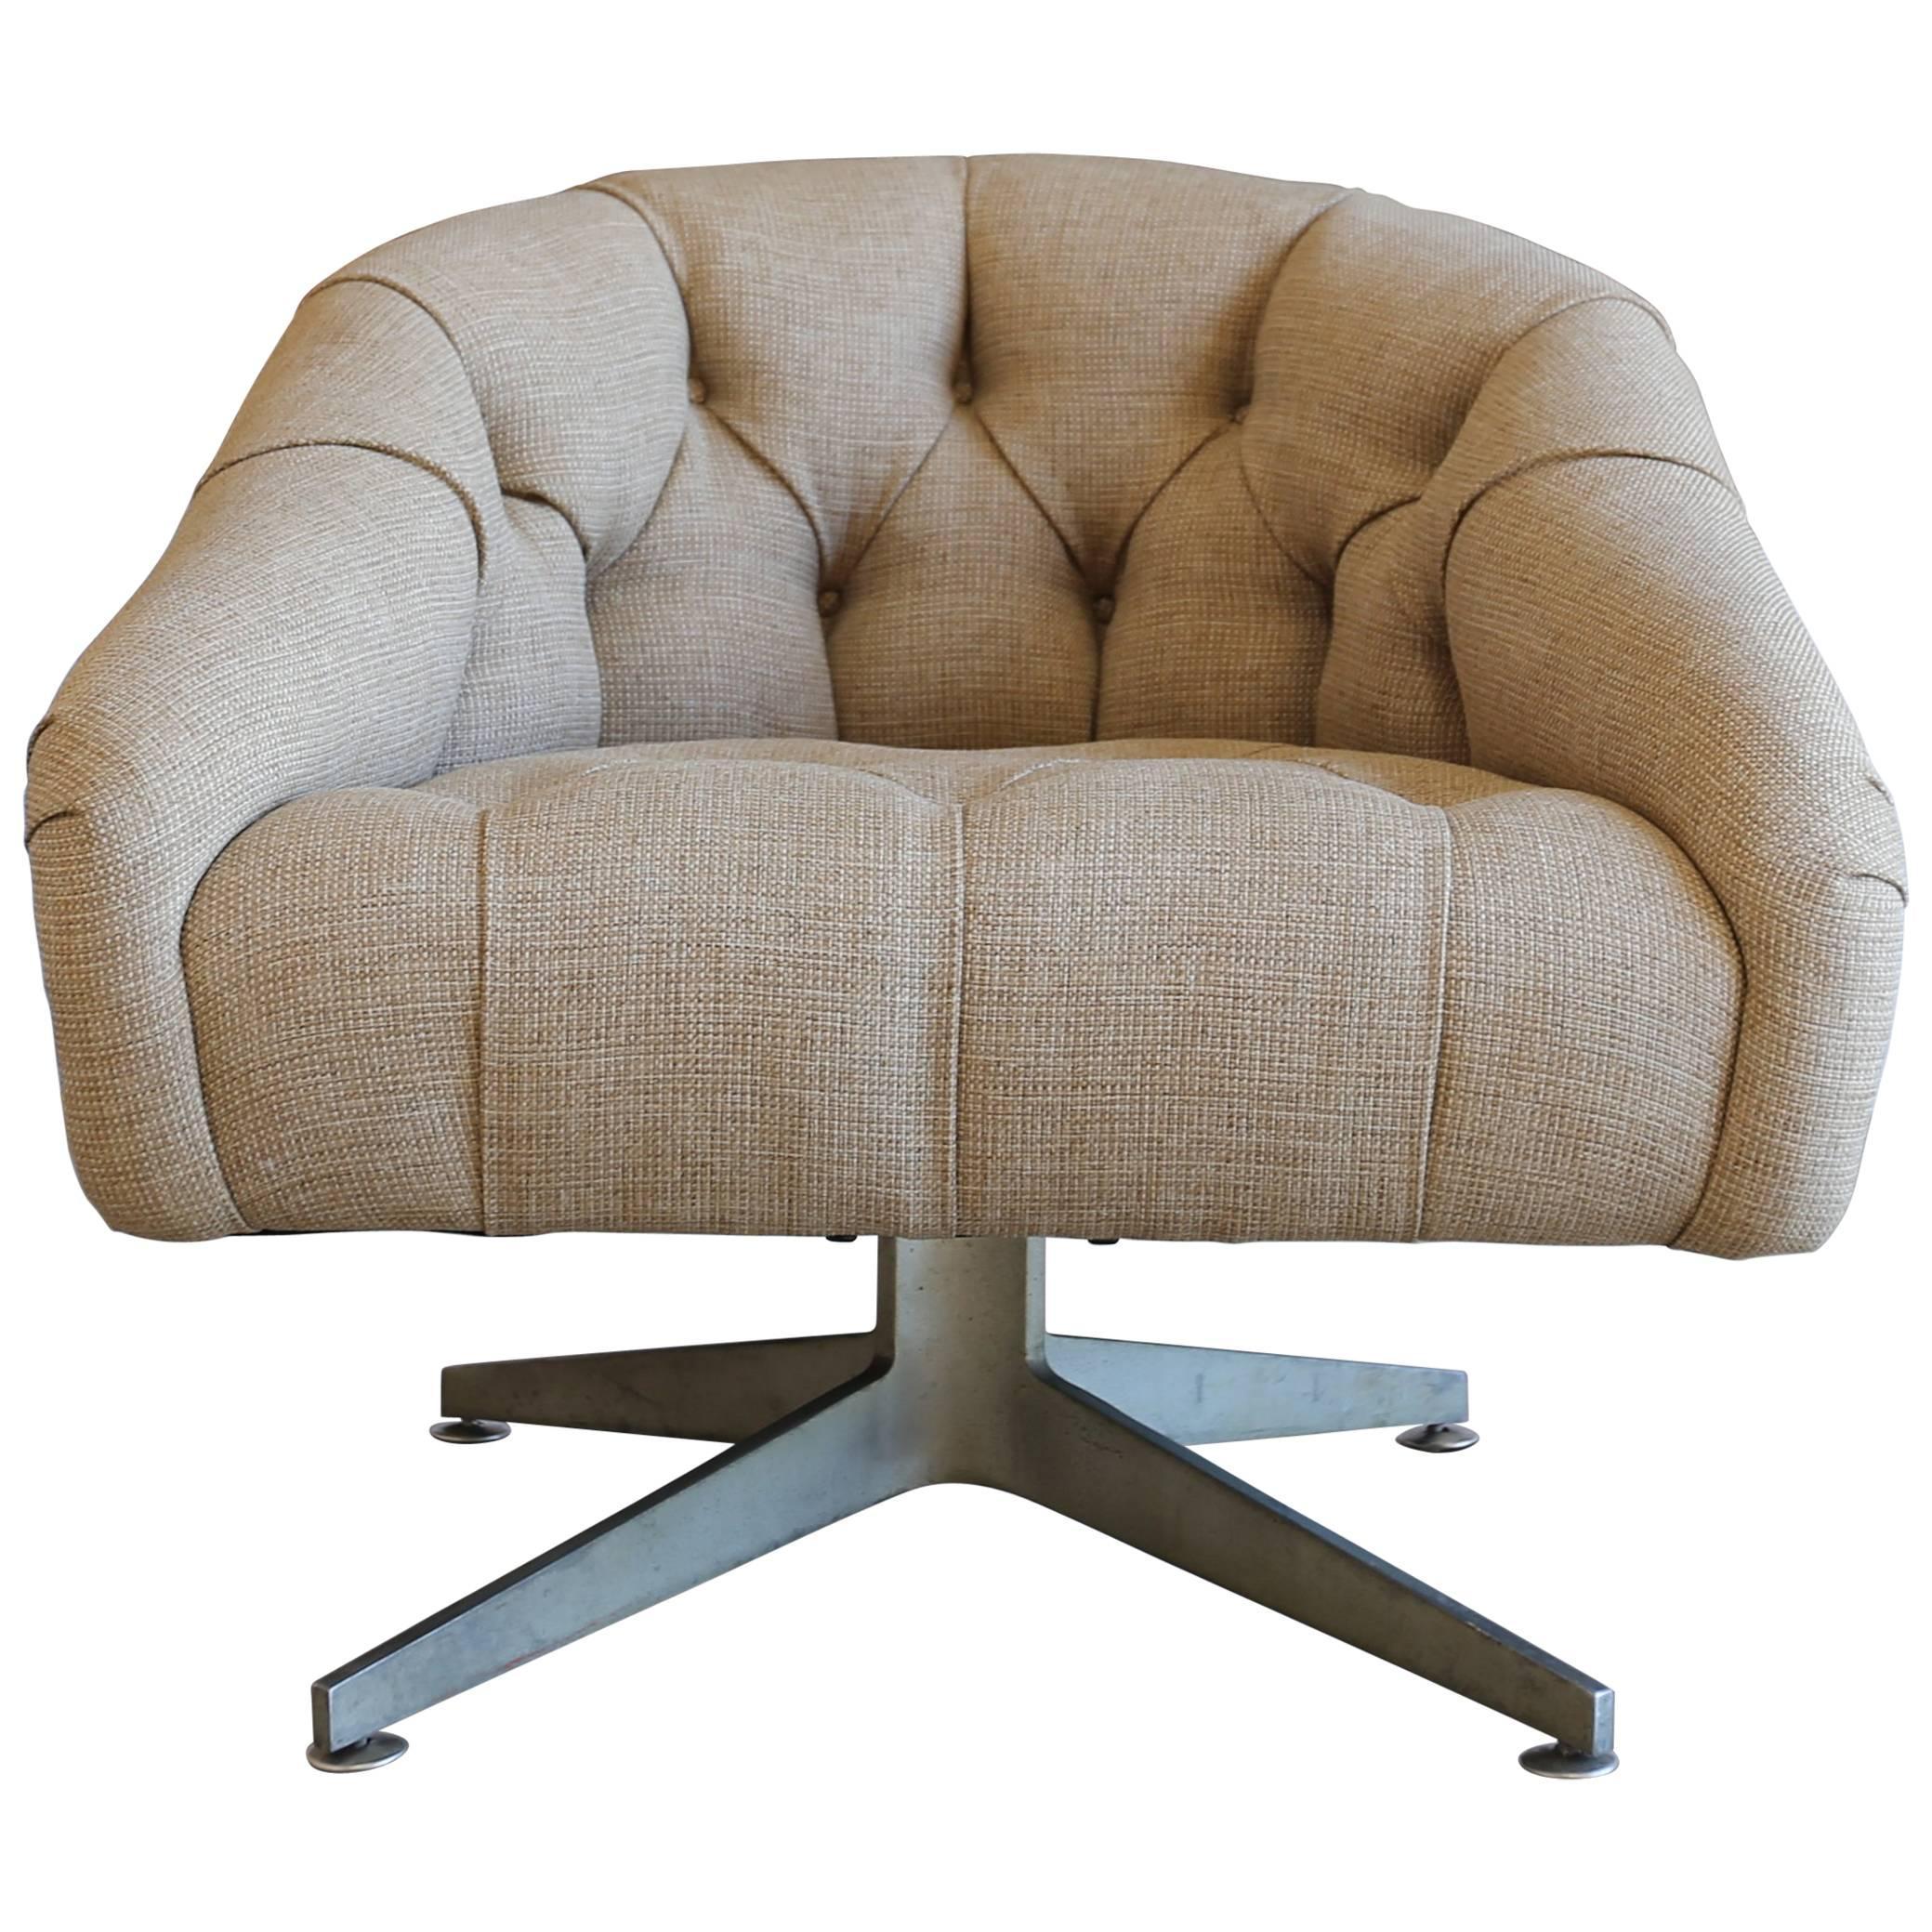 Swivel Lounge Chair by Ward Bennett